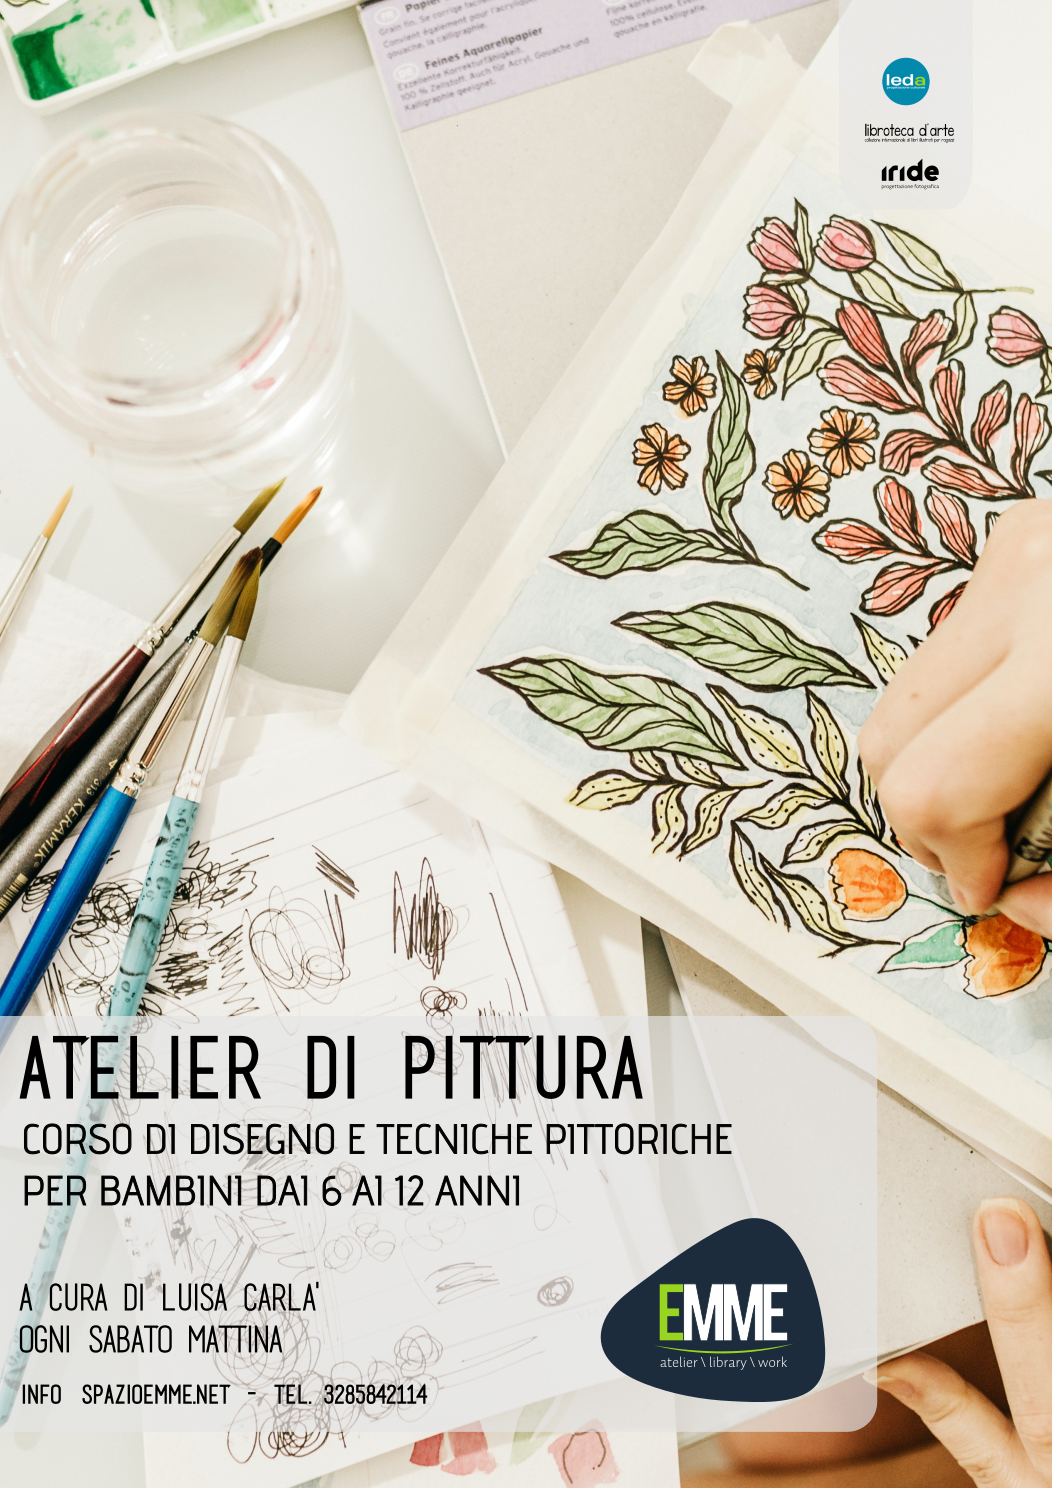 Corso di disegno e tecniche pittoriche per bambini dai 6 ai 12 anni.